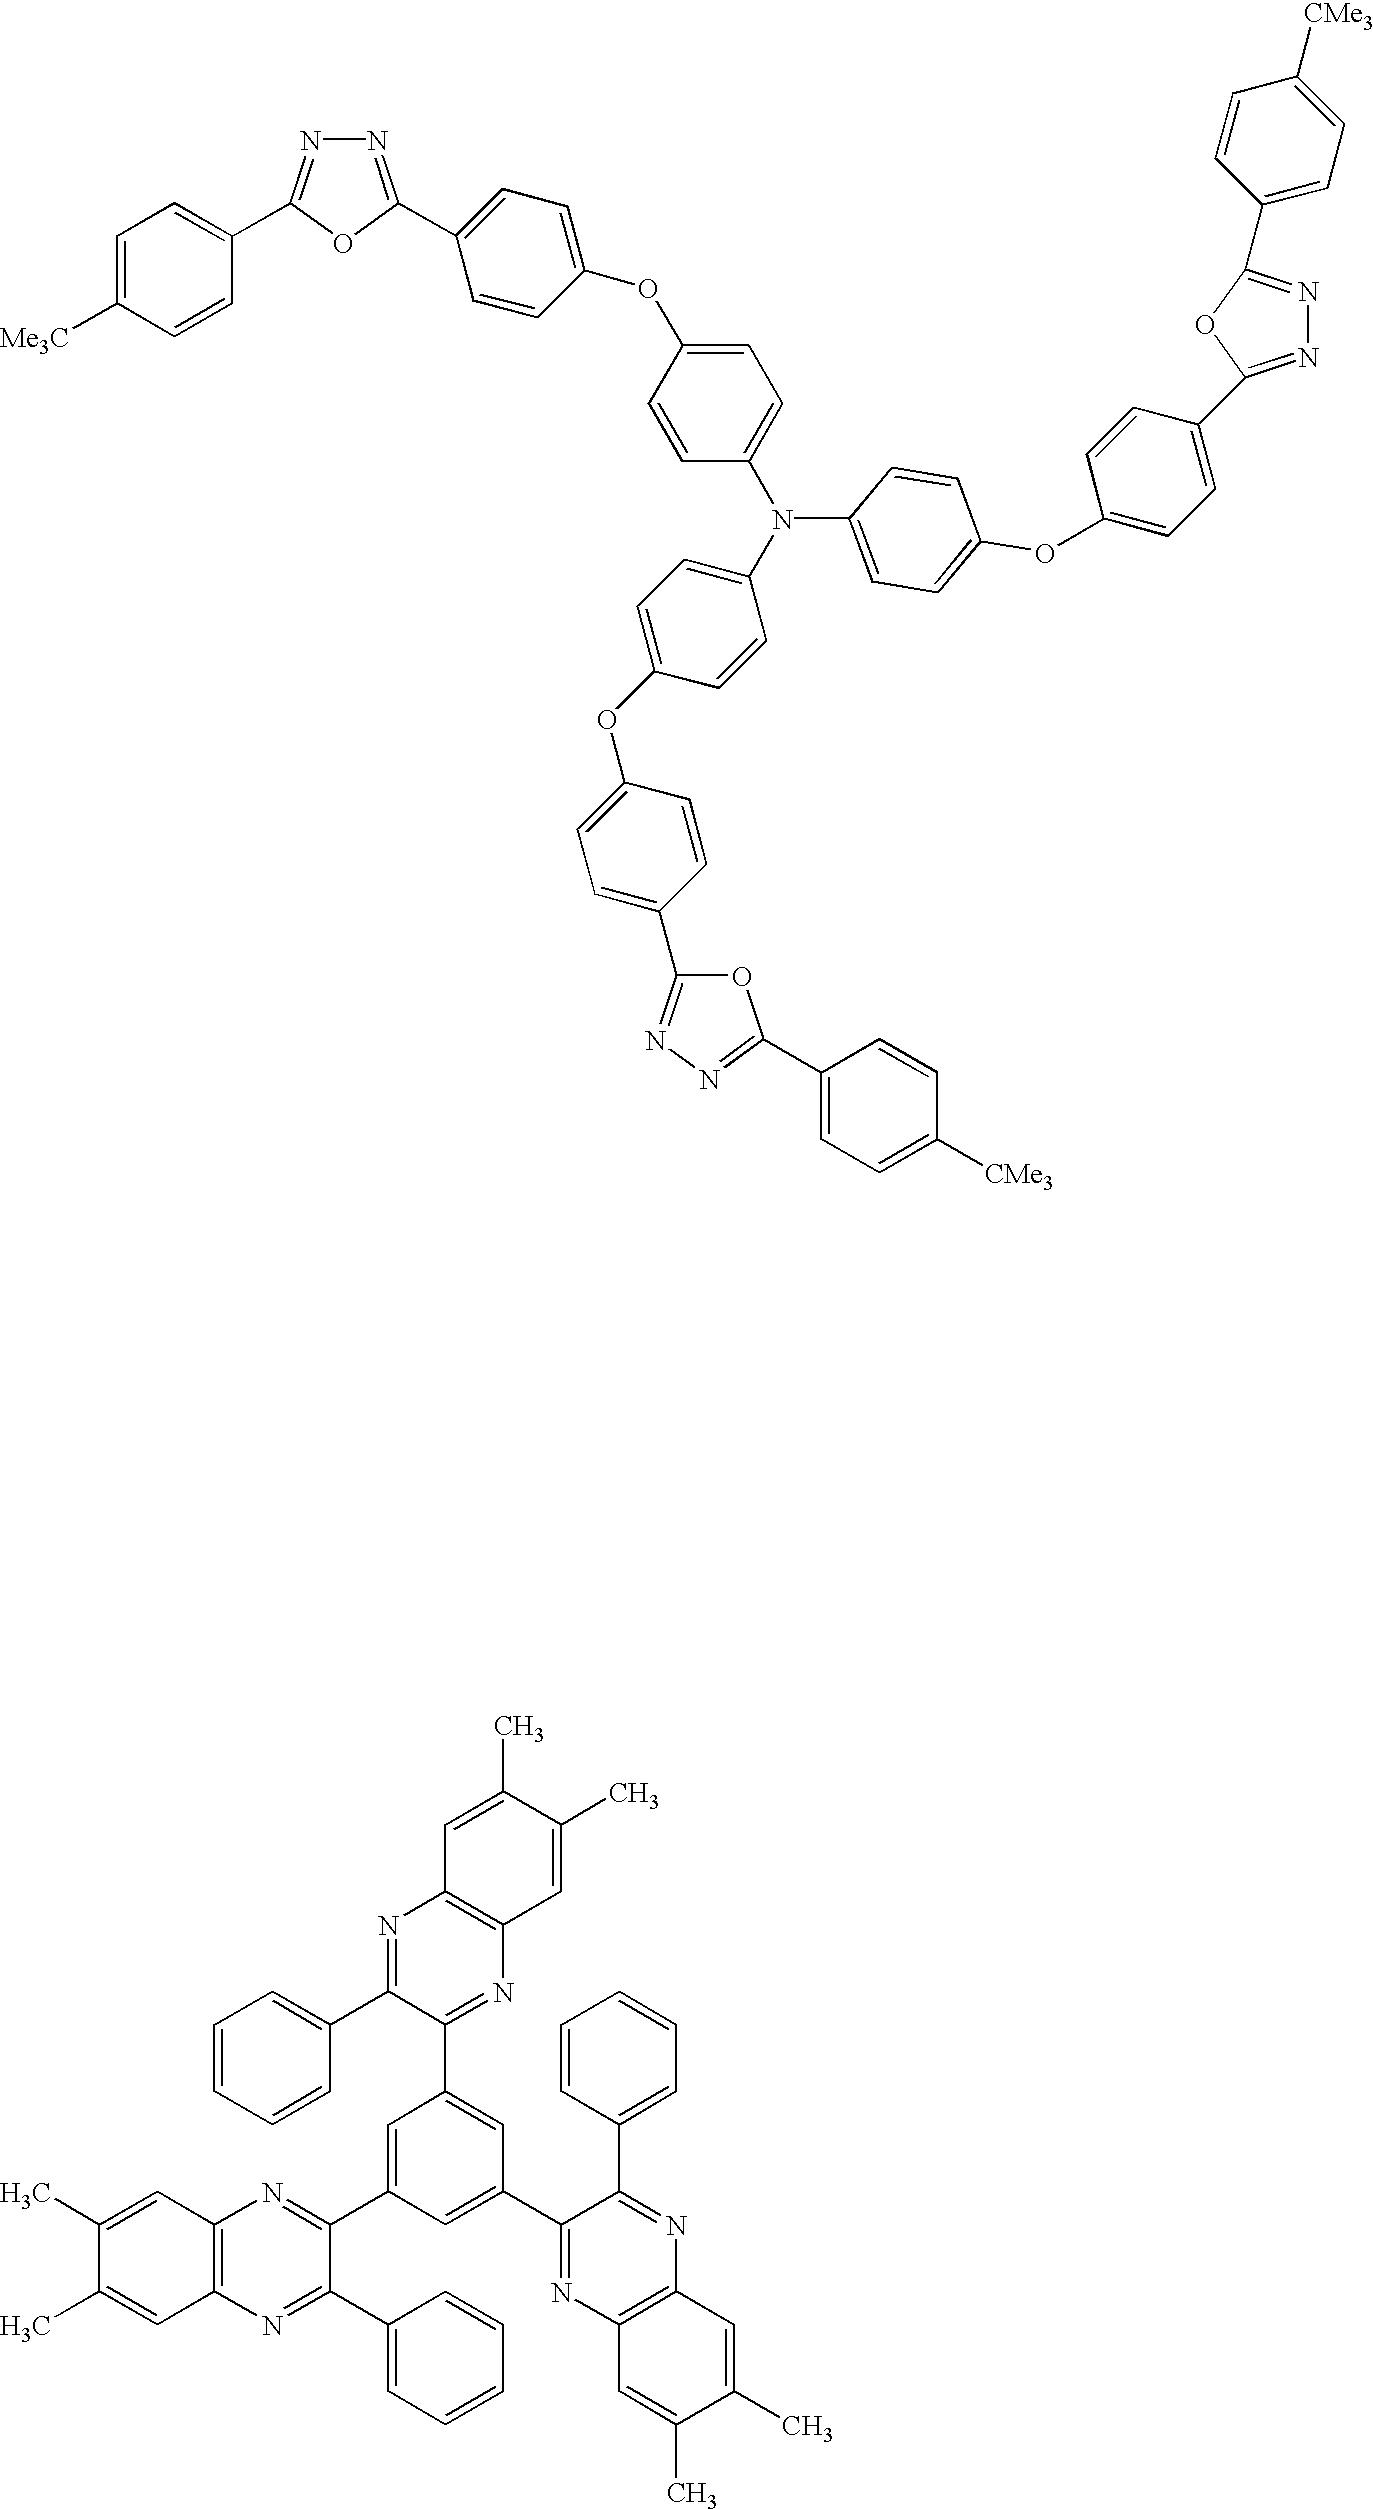 Figure US06824890-20041130-C00002